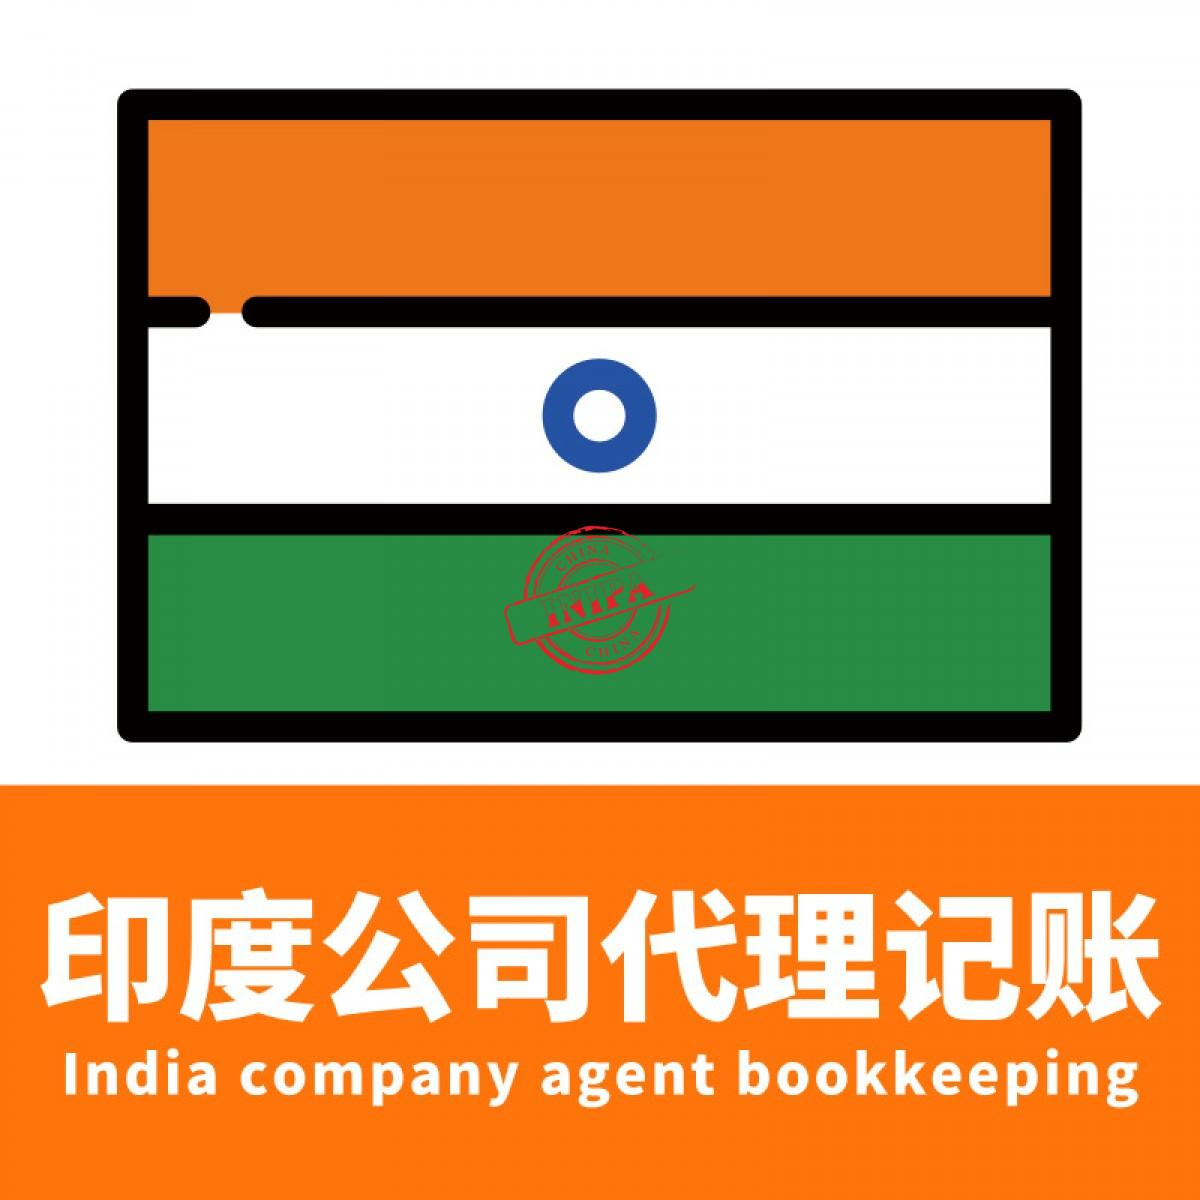 印度公司代理记账丨专业代理印度公司服务